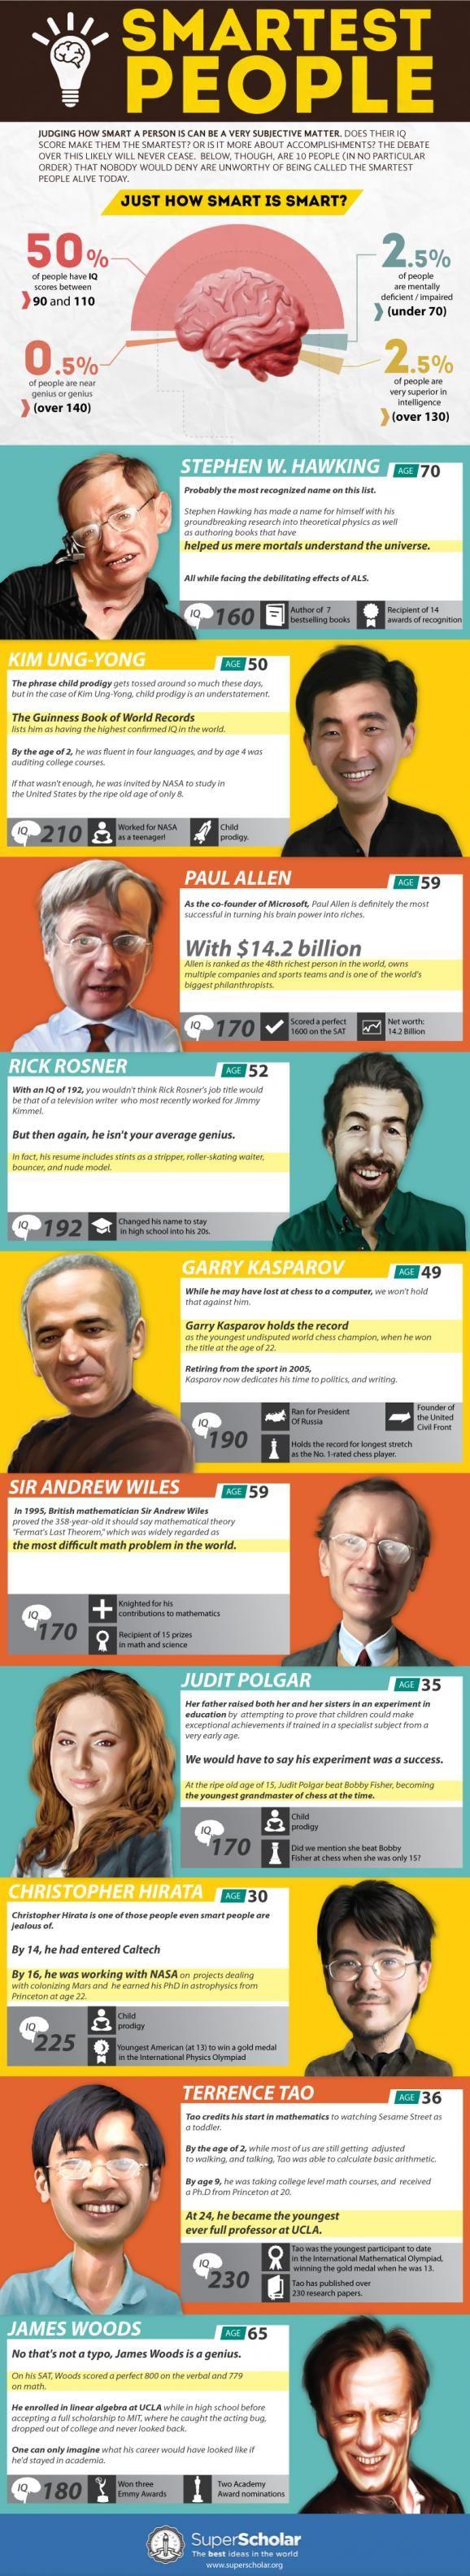 10 Orang Terkenal yang Mempunyai IQ Tertinggi di Dunia (Infographic)